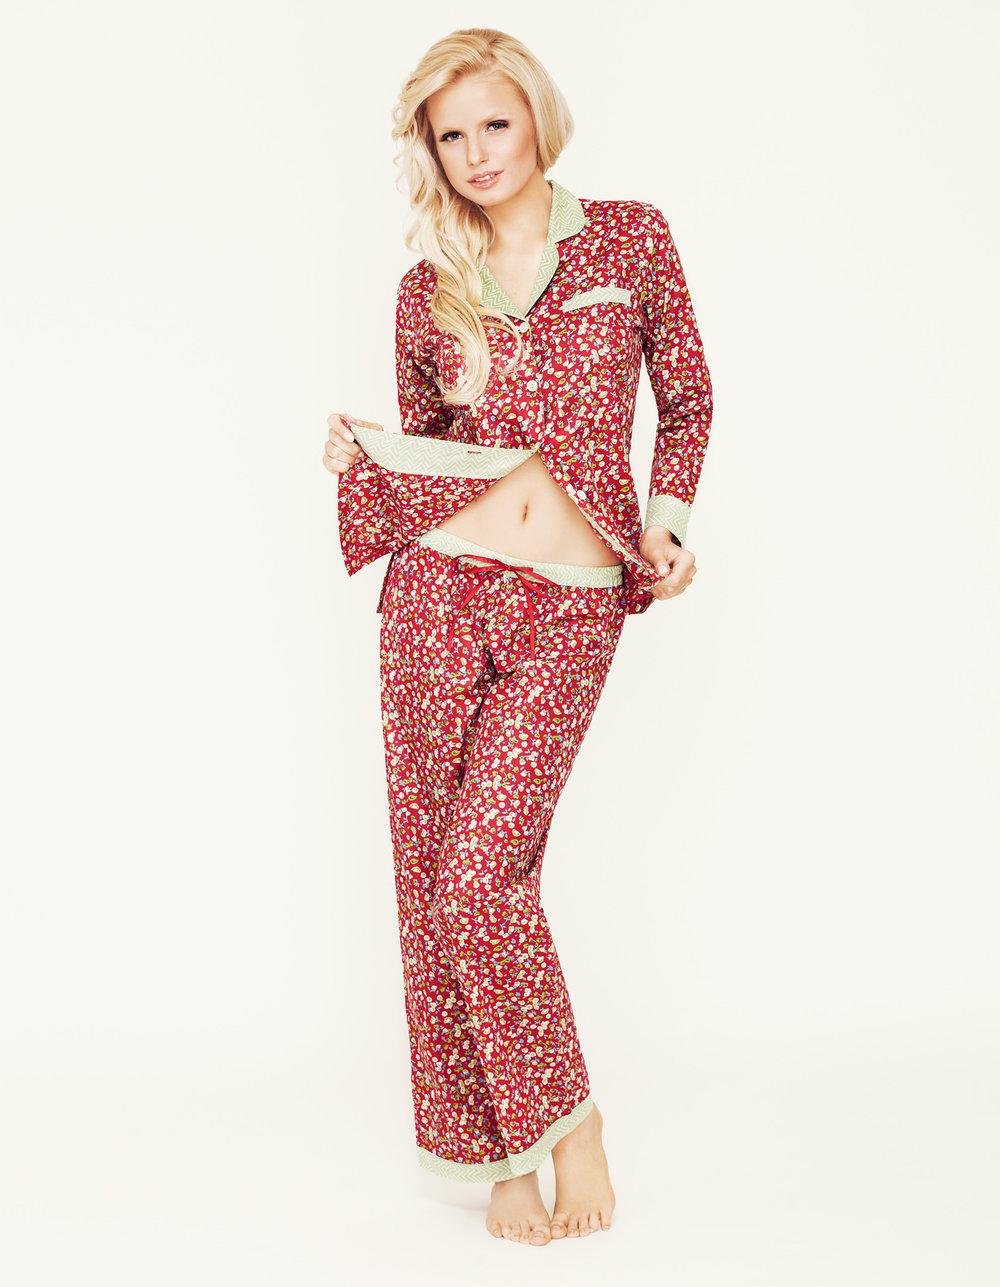 pijamas__MG_8282.jpg